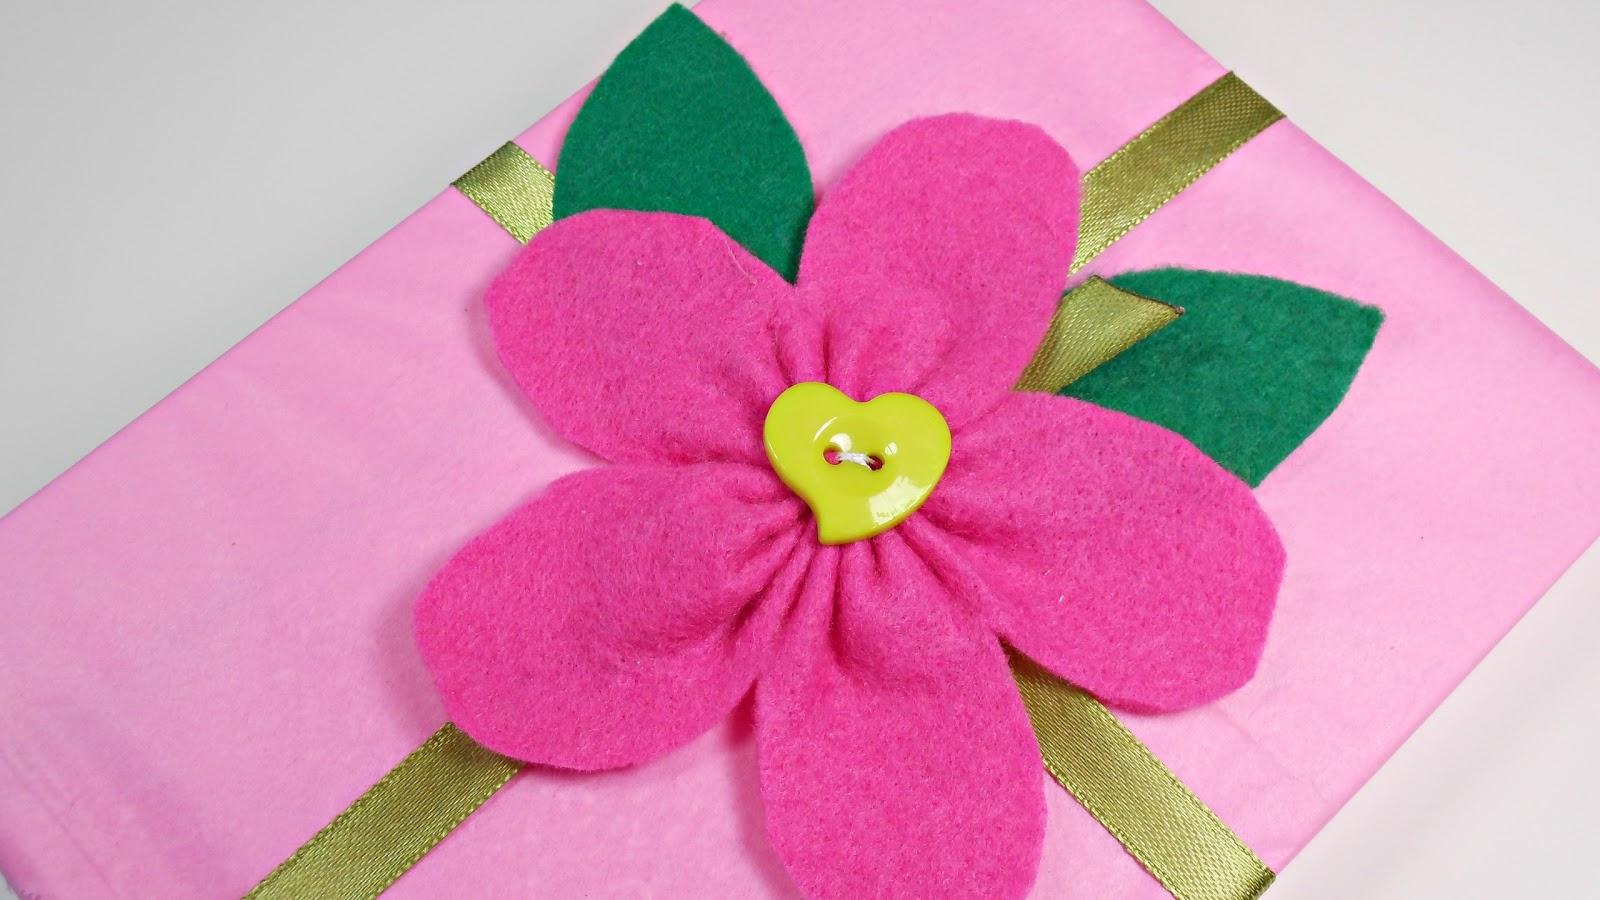 Mundo party ideas para envolver regalos 3 - Envolver regalos con papel de seda ...